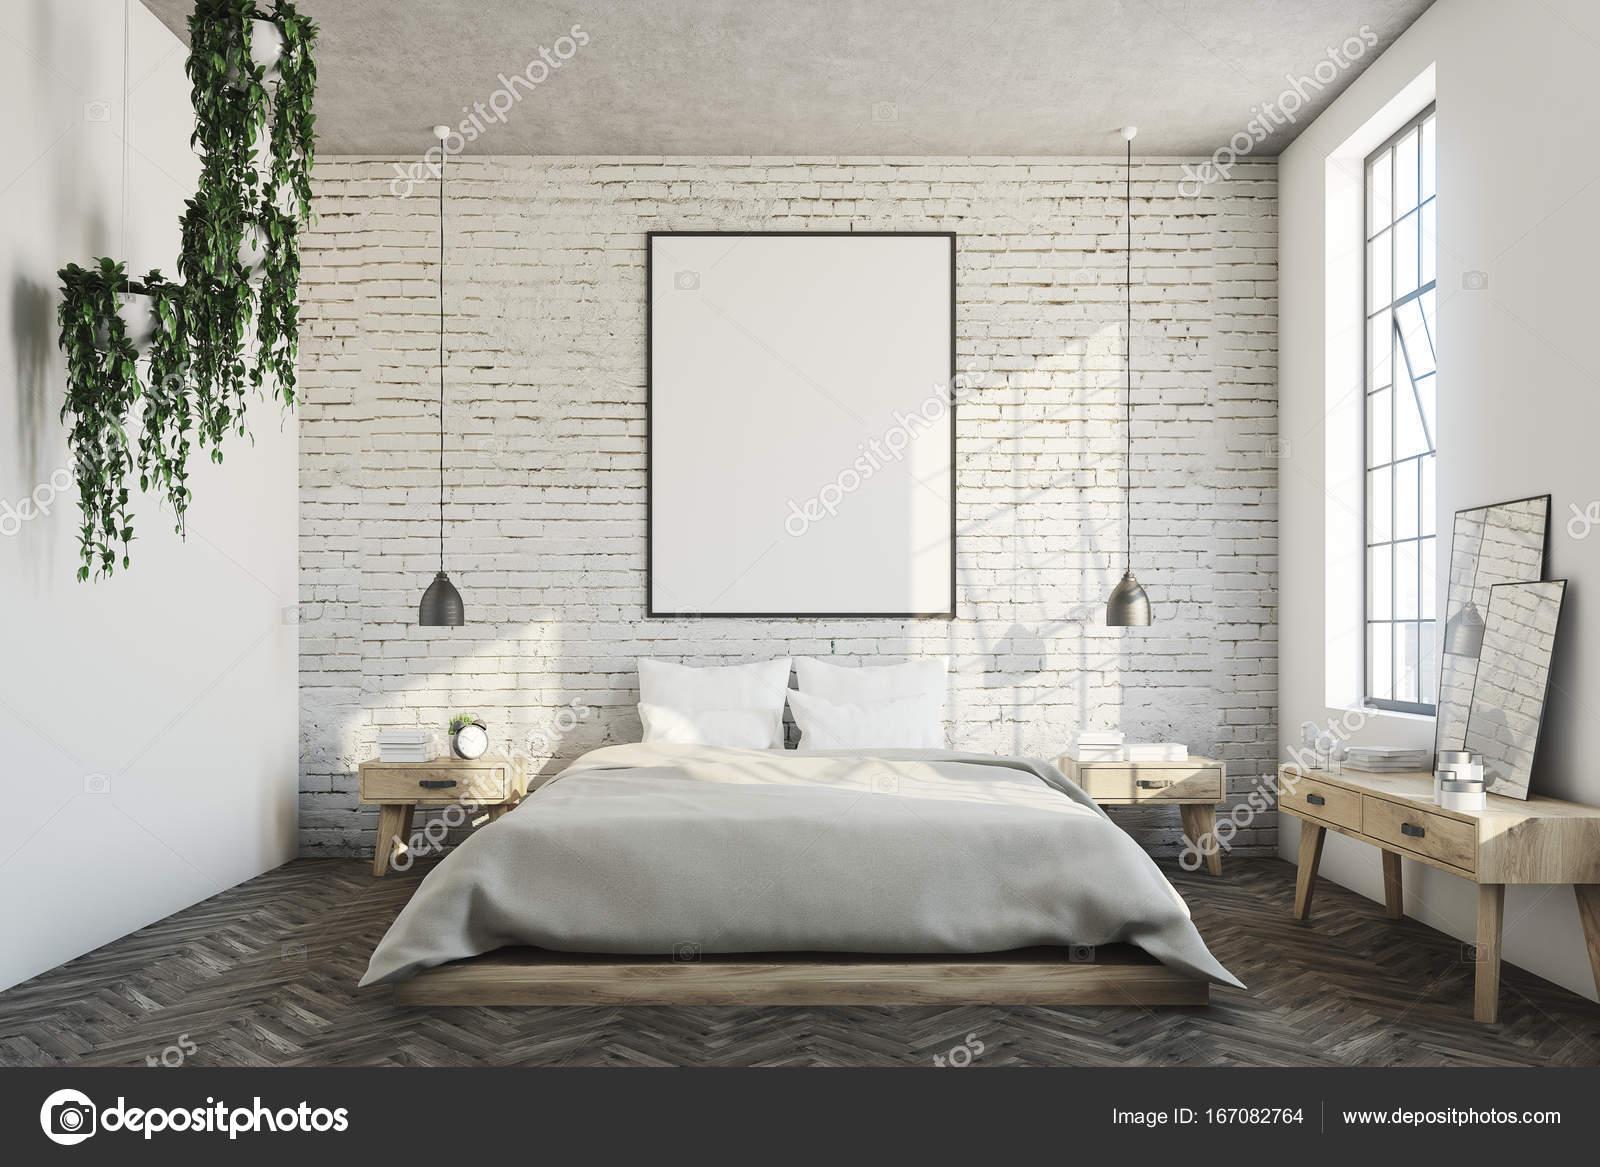 Camera da letto di mattoni bianchi, poster — Foto Stock ...